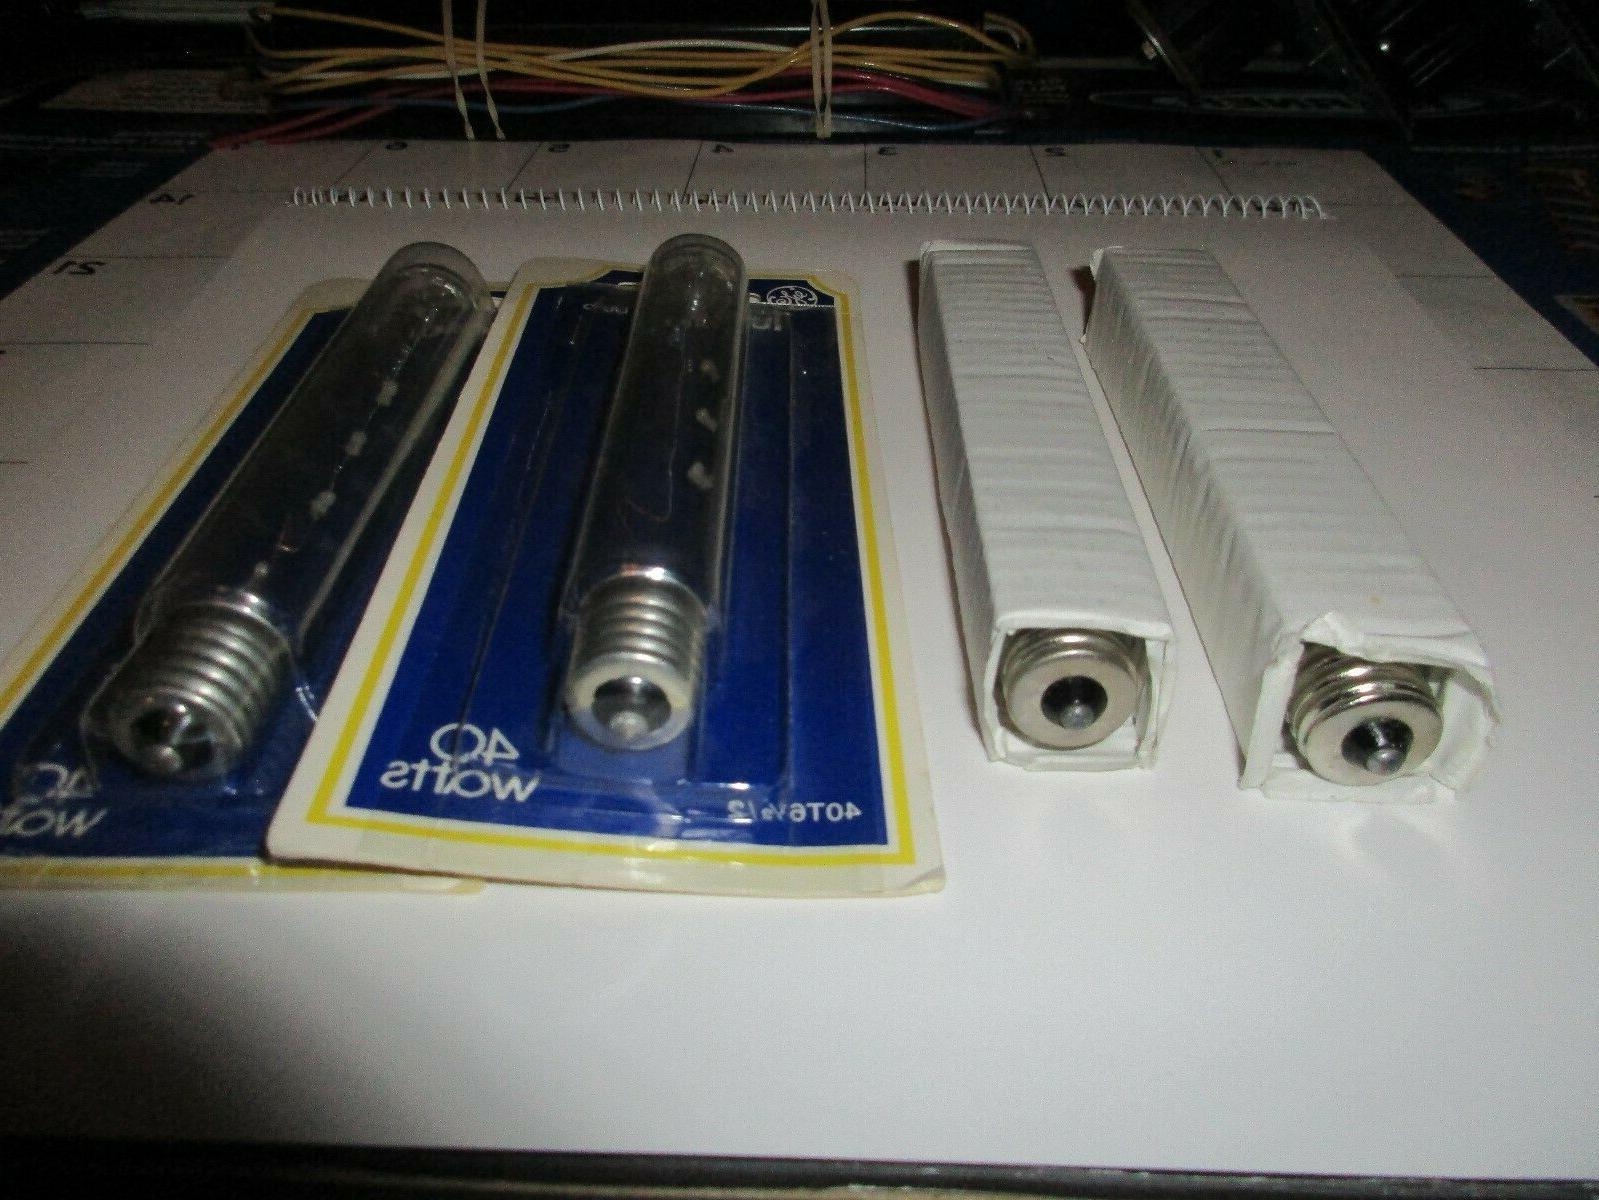 GE 40 Watt Tubular & 20 bulbs Pcs.